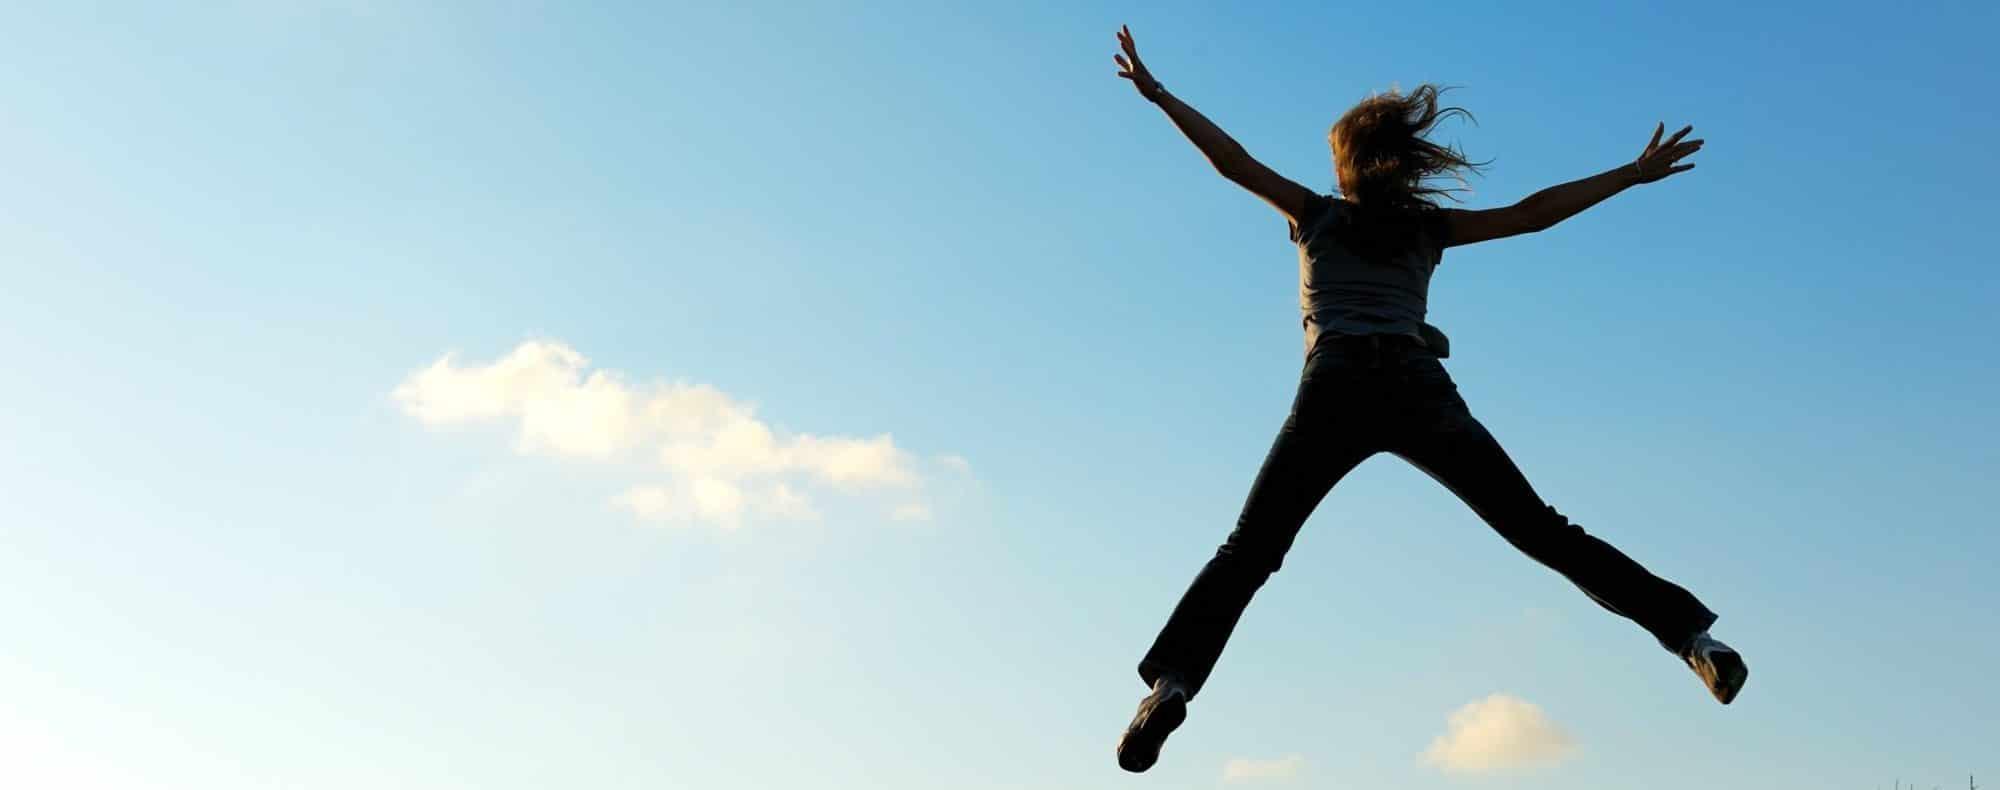 Springende vrouw in de lucht